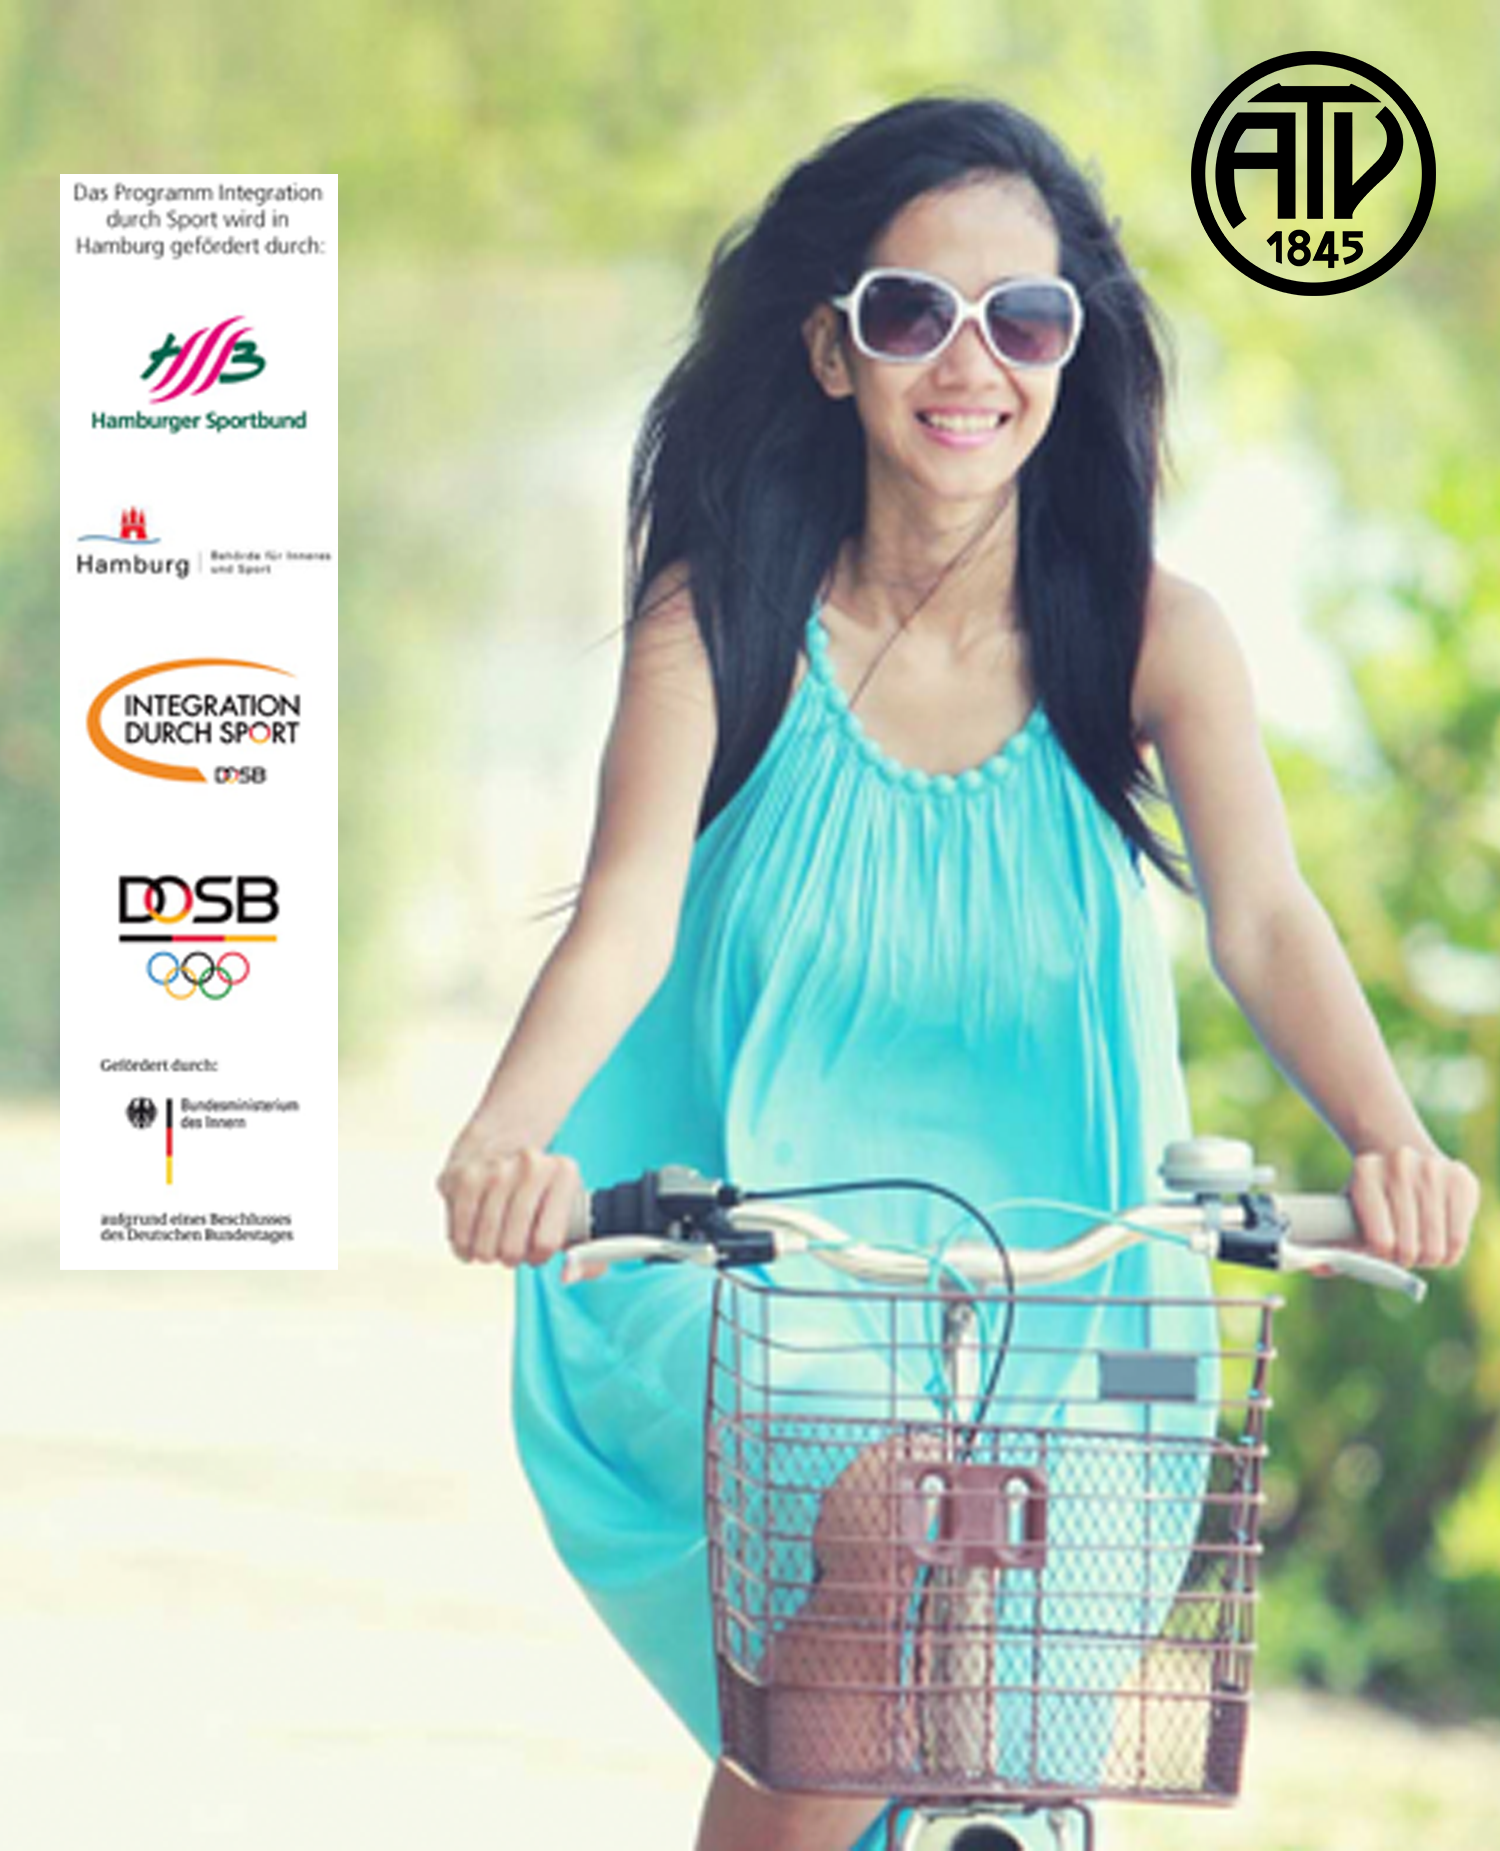 """Liebe Mitglieder,  im Rahmen des Programms ,,Integration durch Sport"""", bietet der Hamburger Sportbund (HSB) das Projekt ,,Fahrradfahren lernen für Frauen"""" an. Dieses Projekt richtet sich an Frauen aller Kulturen Angeleitet wird der Kurs von unserer zertifizierten Radfahrlehrerin Sema. Sie werden von ihr Schritt für Schritt an die Fortbewegung auf zwei Rädern herangeführt.  Dieser Kurs ist als Intensivkurs aufgebaut, bei dem Sie über 8 Tage hinweg mit jeweils 2 Stunden/ Tag langsam und sicher das Radfahren erlernen. Die zur Ausbildung benötigten Fahrräder werden vom ATV für Sie zur Verfügung gestellt.    Euer ATV-Team"""